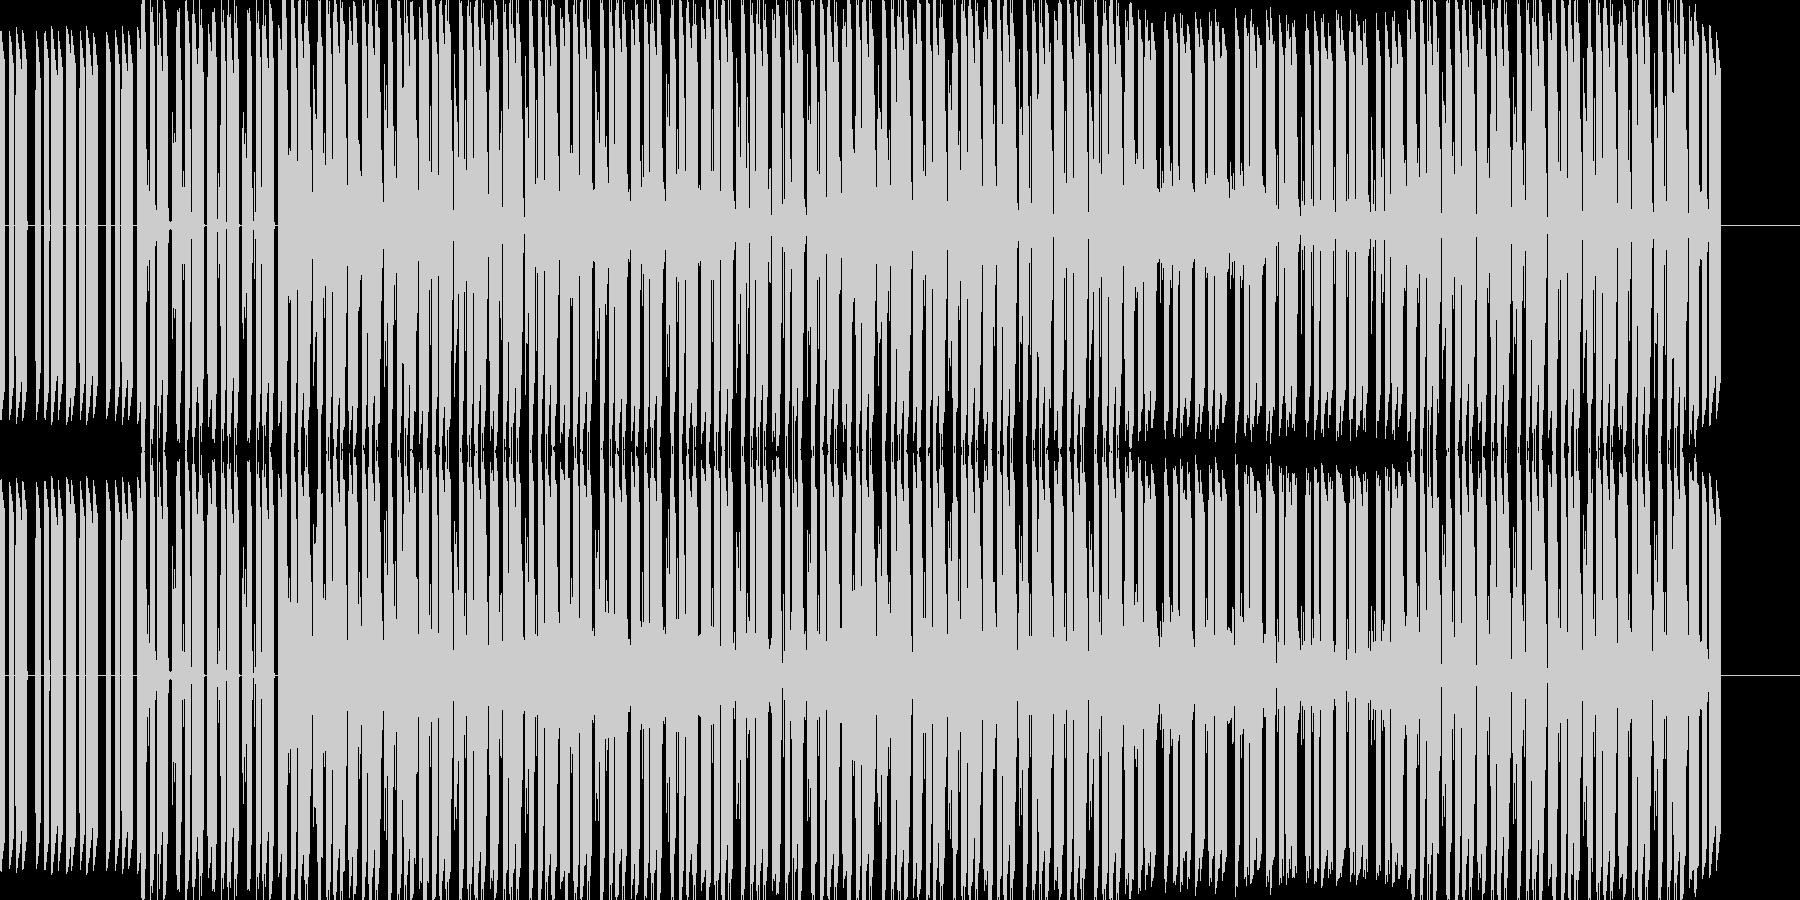 ベースフレーズと幻想的で不思議な雰囲気…の未再生の波形